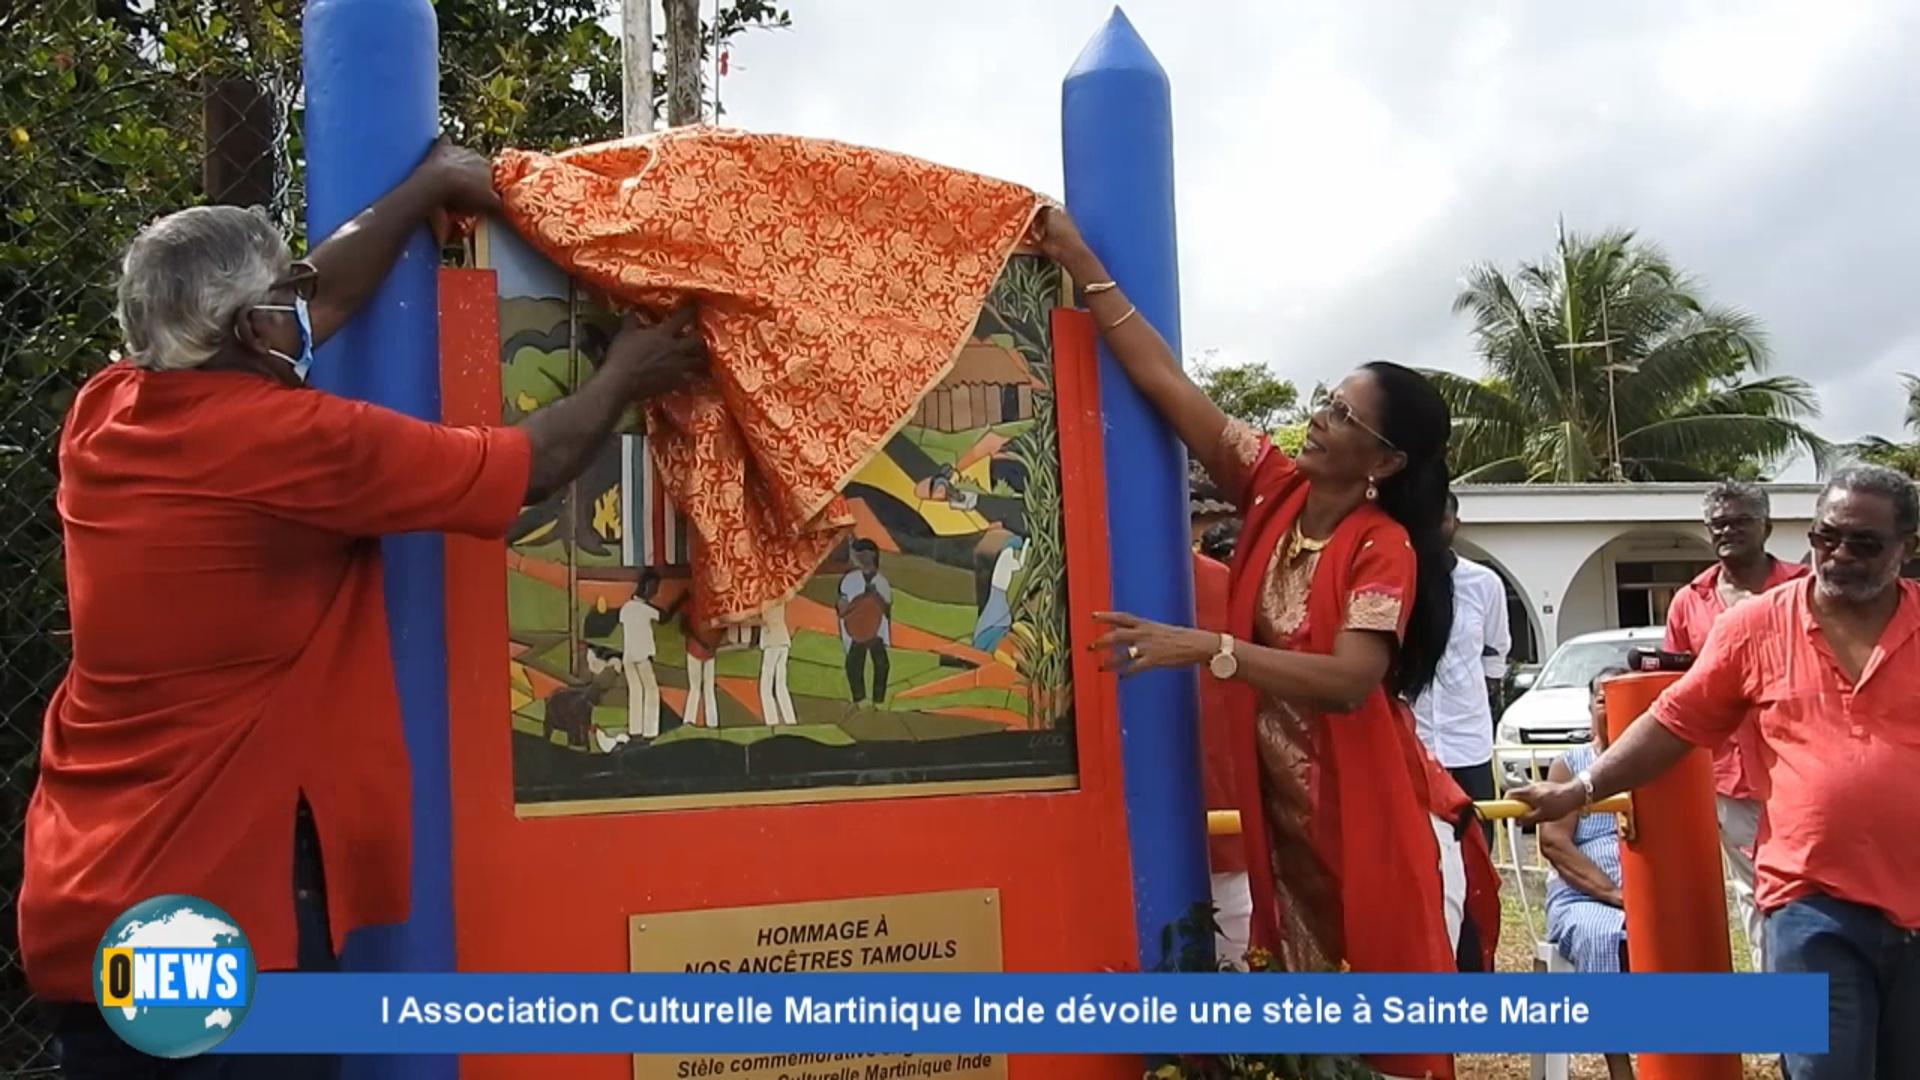 [Vidéo] Onews. L Association Martinique Inde dévoile une stèle à Sainte Marie